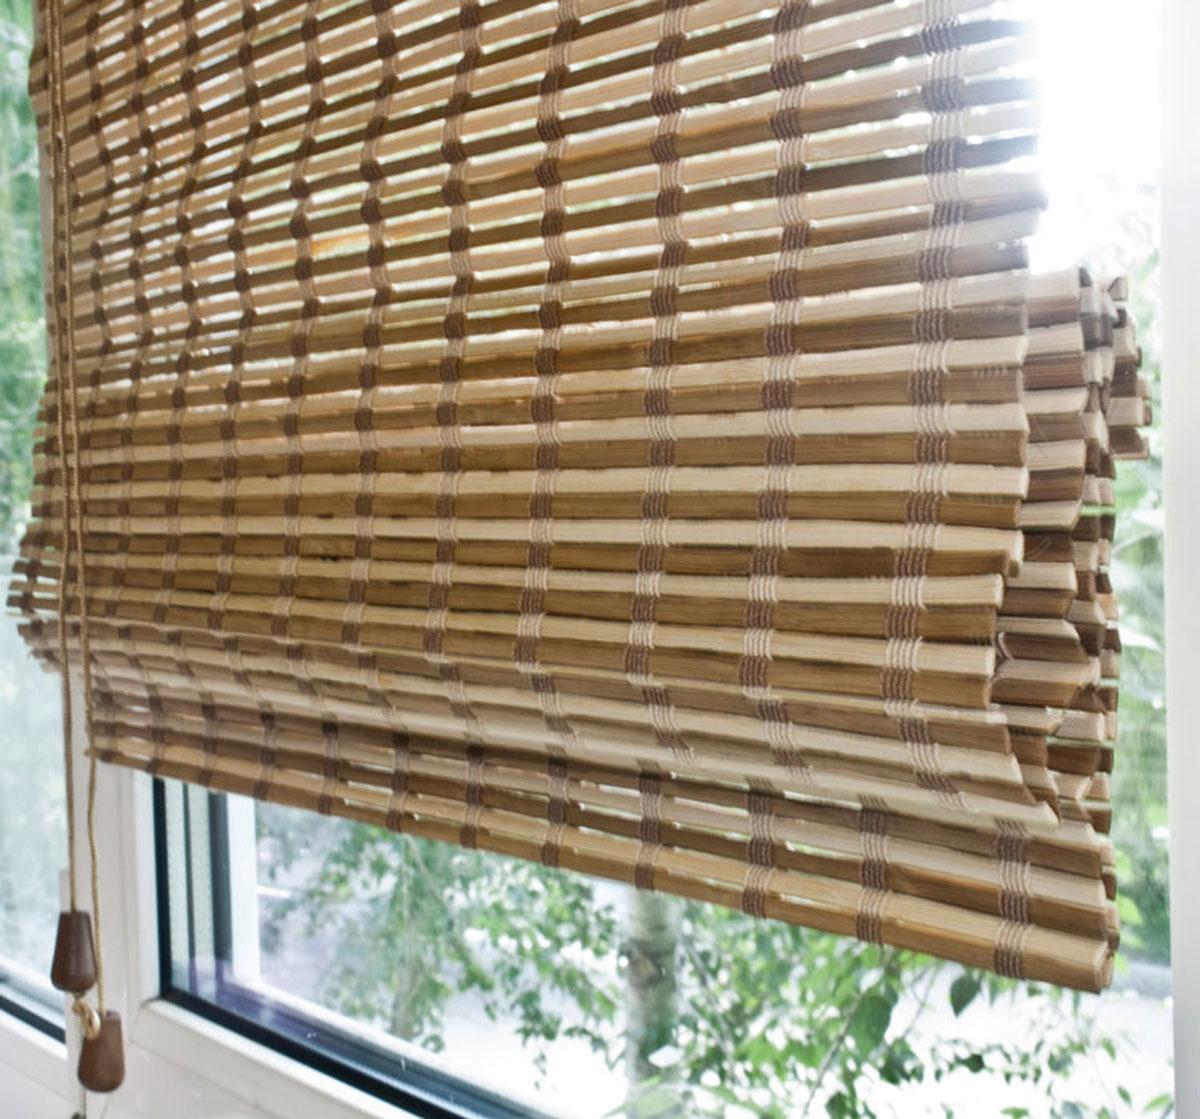 Римская штора Эскар, бамбуковая, цвет: коричневый, бежевый, ширина 140 см, высота 160 см1014140Римская штора Эскар, выполненная из натурального бамбука, является оригинальным современным аксессуаром для создания необычного интерьера в восточном или минималистичном стиле.Римская бамбуковая штора, как и тканевая римская штора, при поднятии образует крупные складки, которые прекрасно декорируют окно. Особенность устройства полотна позволяет свободно пропускать дневной свет, что обеспечивает мягкое освещение комнаты. Римская штора из натурального влагоустойчивого материала легко вписывается в любой интерьер, хорошо сочетается с различной мебелью и элементами отделки. Использование бамбукового полотна придает помещению необычный вид и визуально расширяет пространство. Бамбуковые шторы требуют только сухого ухода: пылесосом, щеткой, веником или влажной (но не мокрой!) губкой. Комплект для монтажа прилагается.